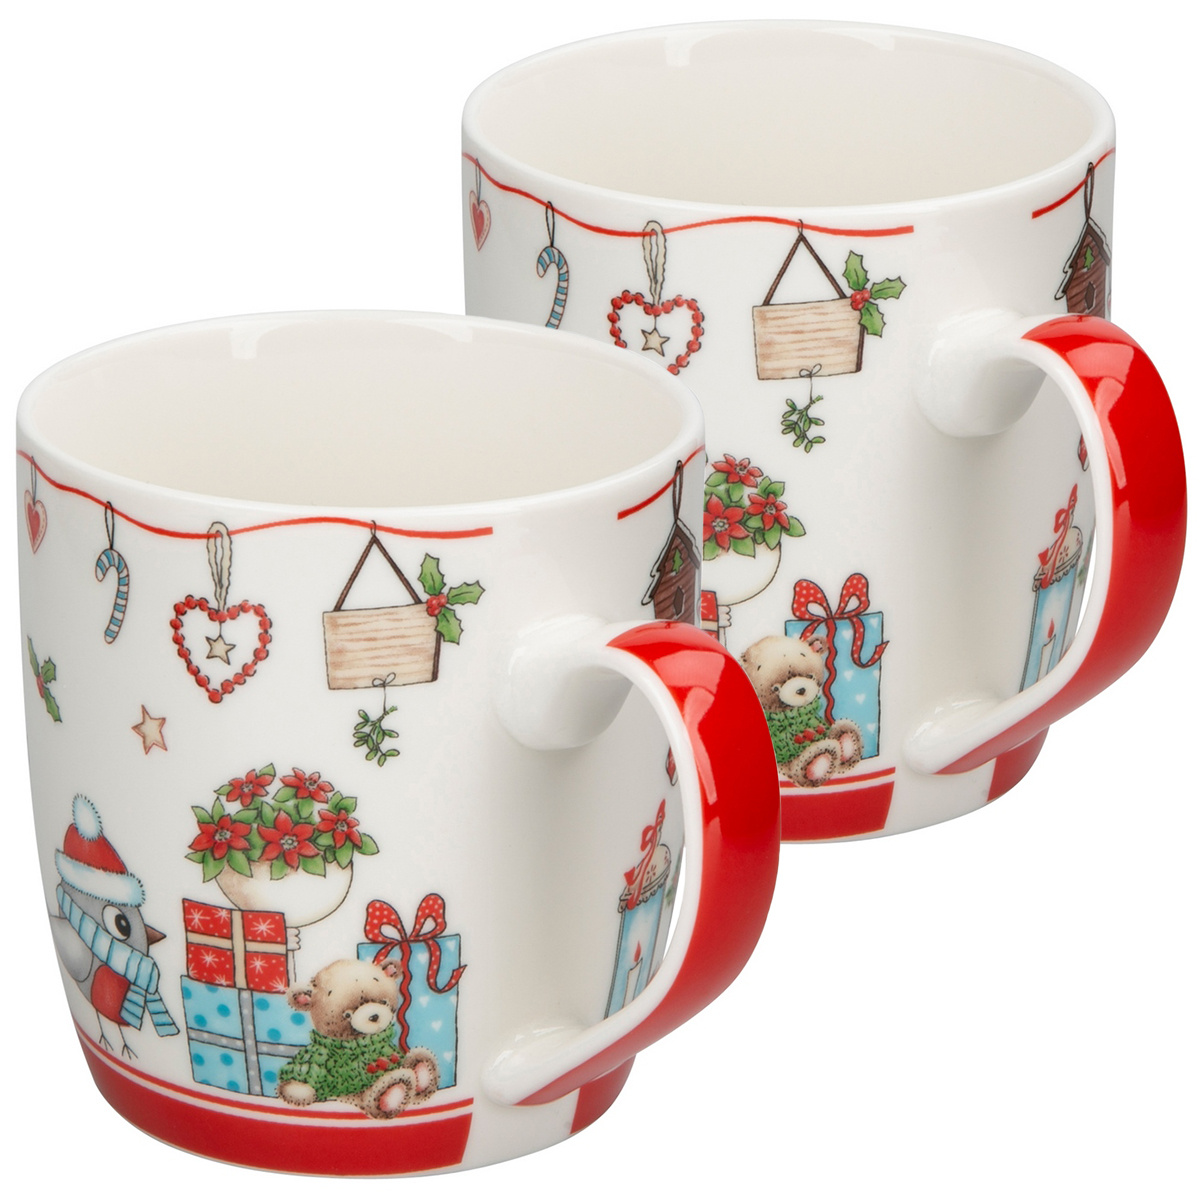 Altom Porcelánový hrnček Holly Christmas red 300 ml, 2 ks